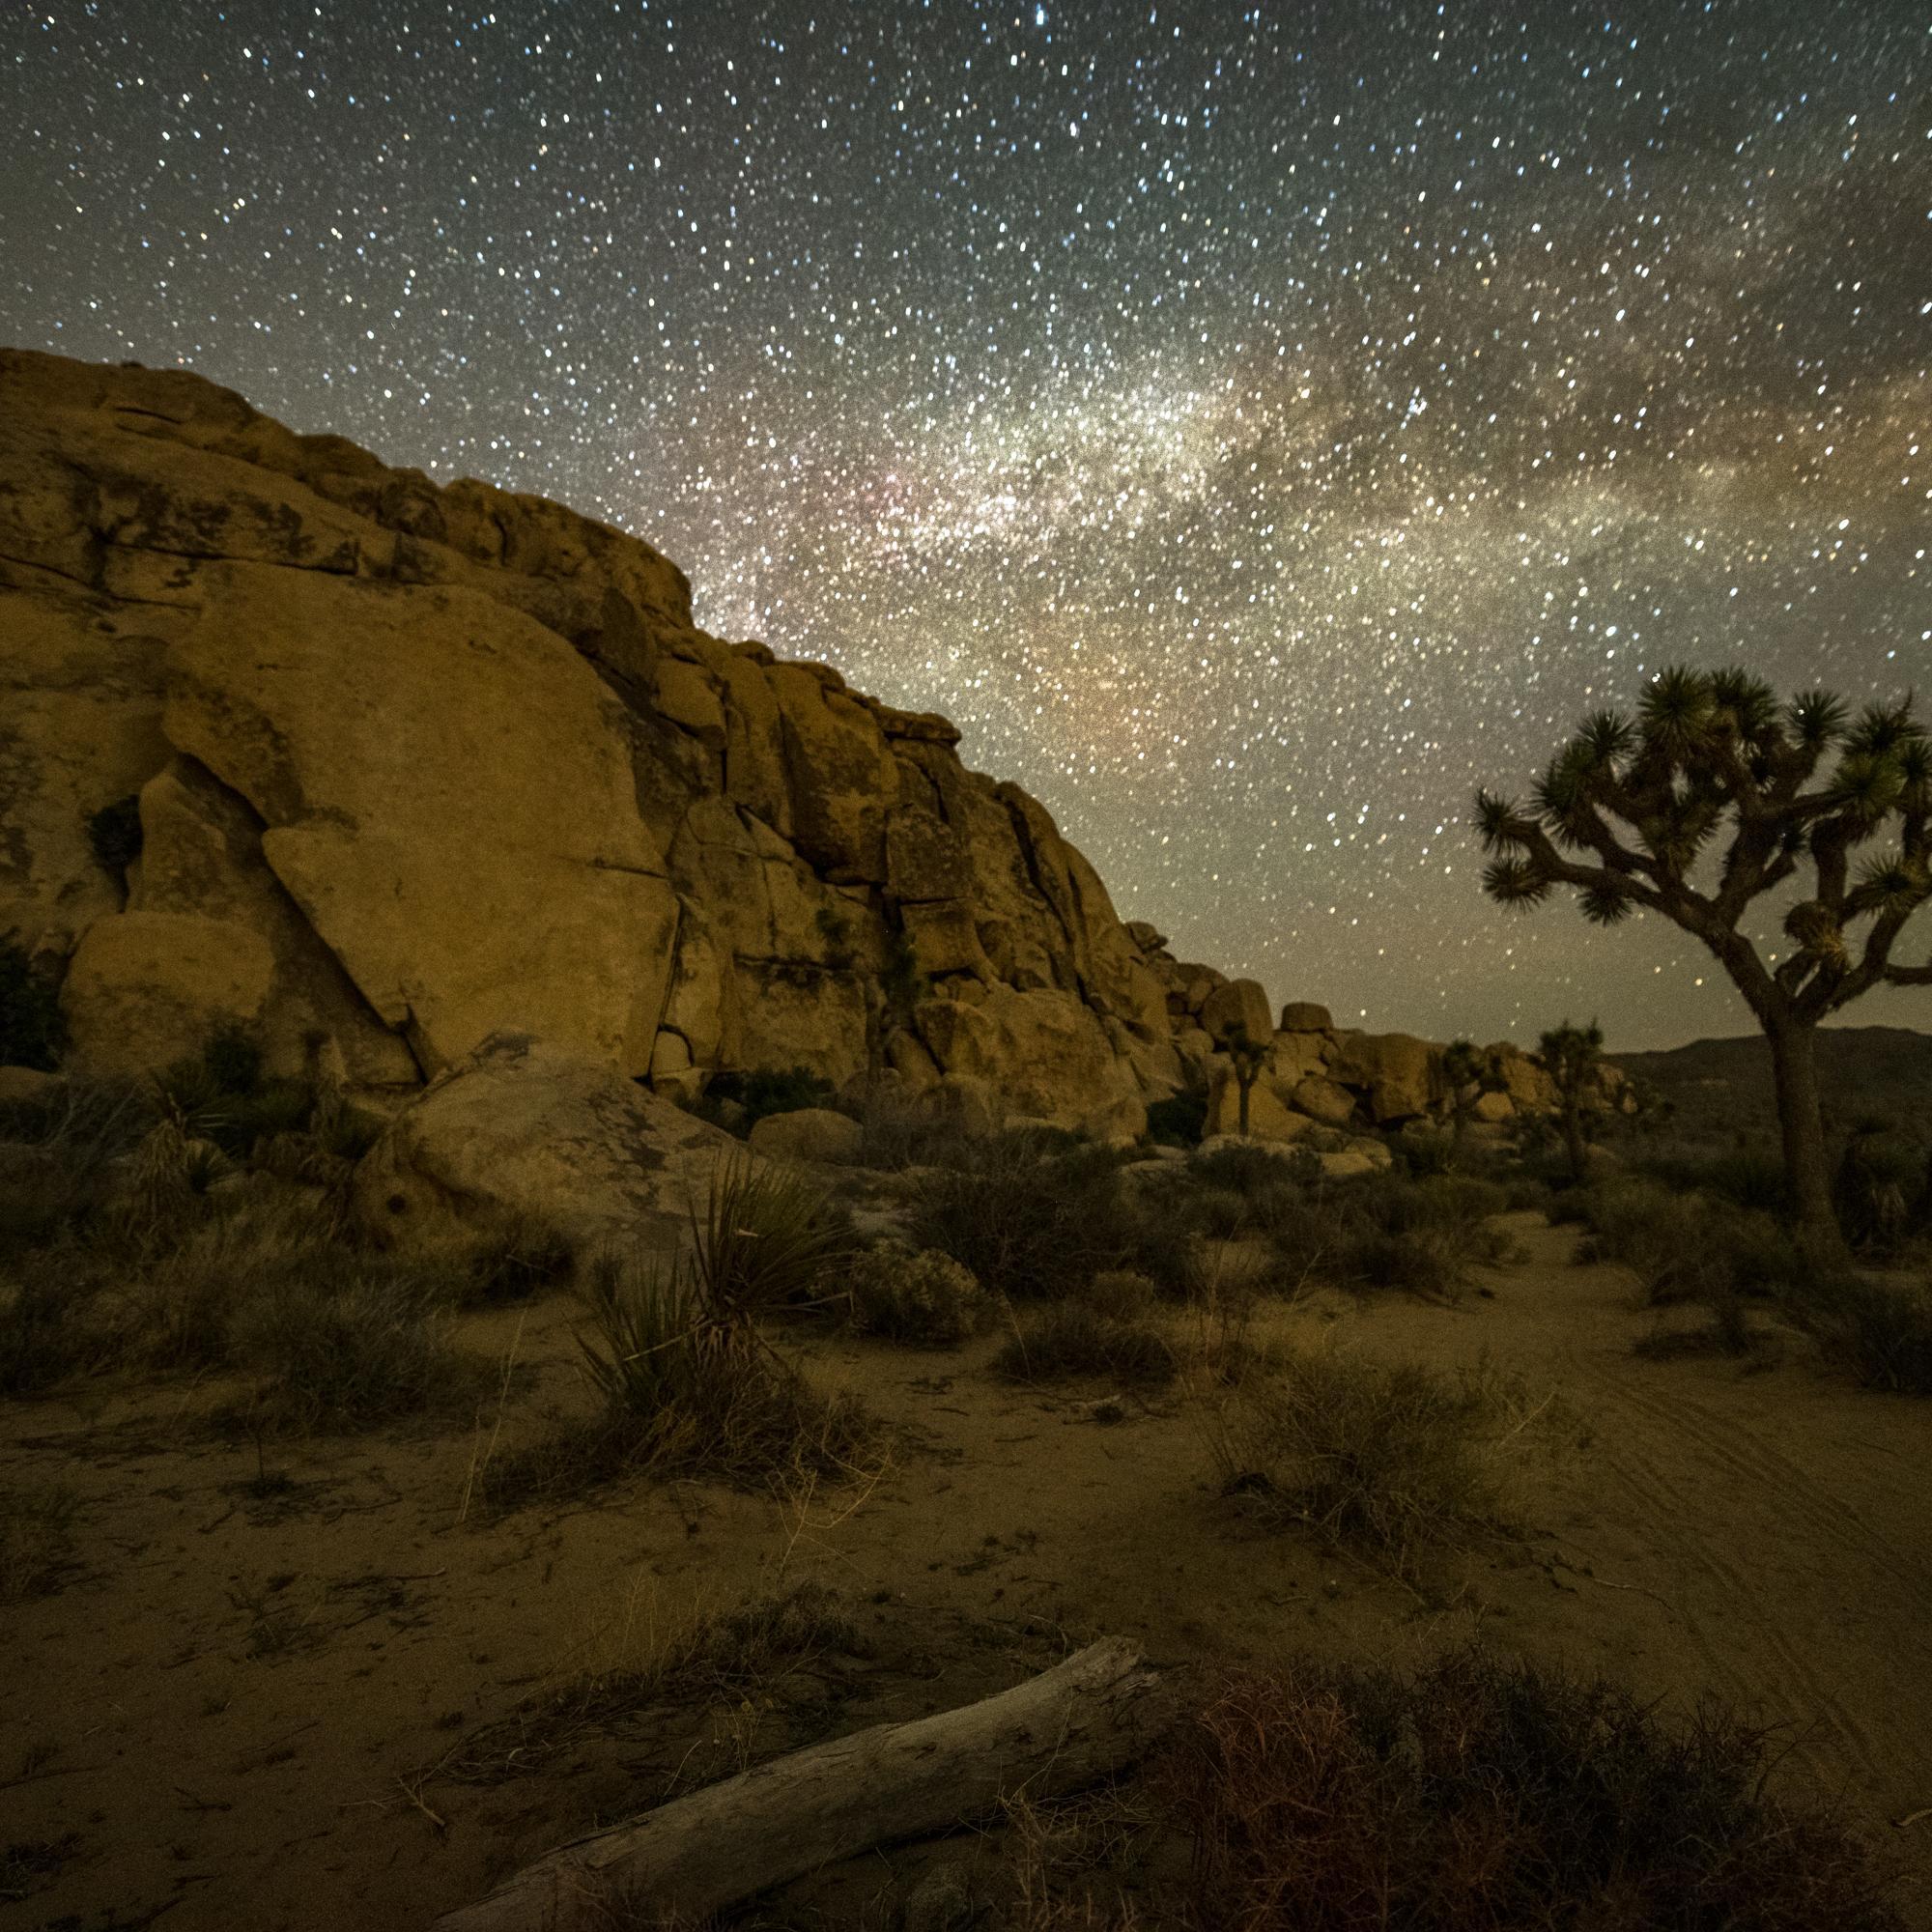 Milky Way and Joshua Tree